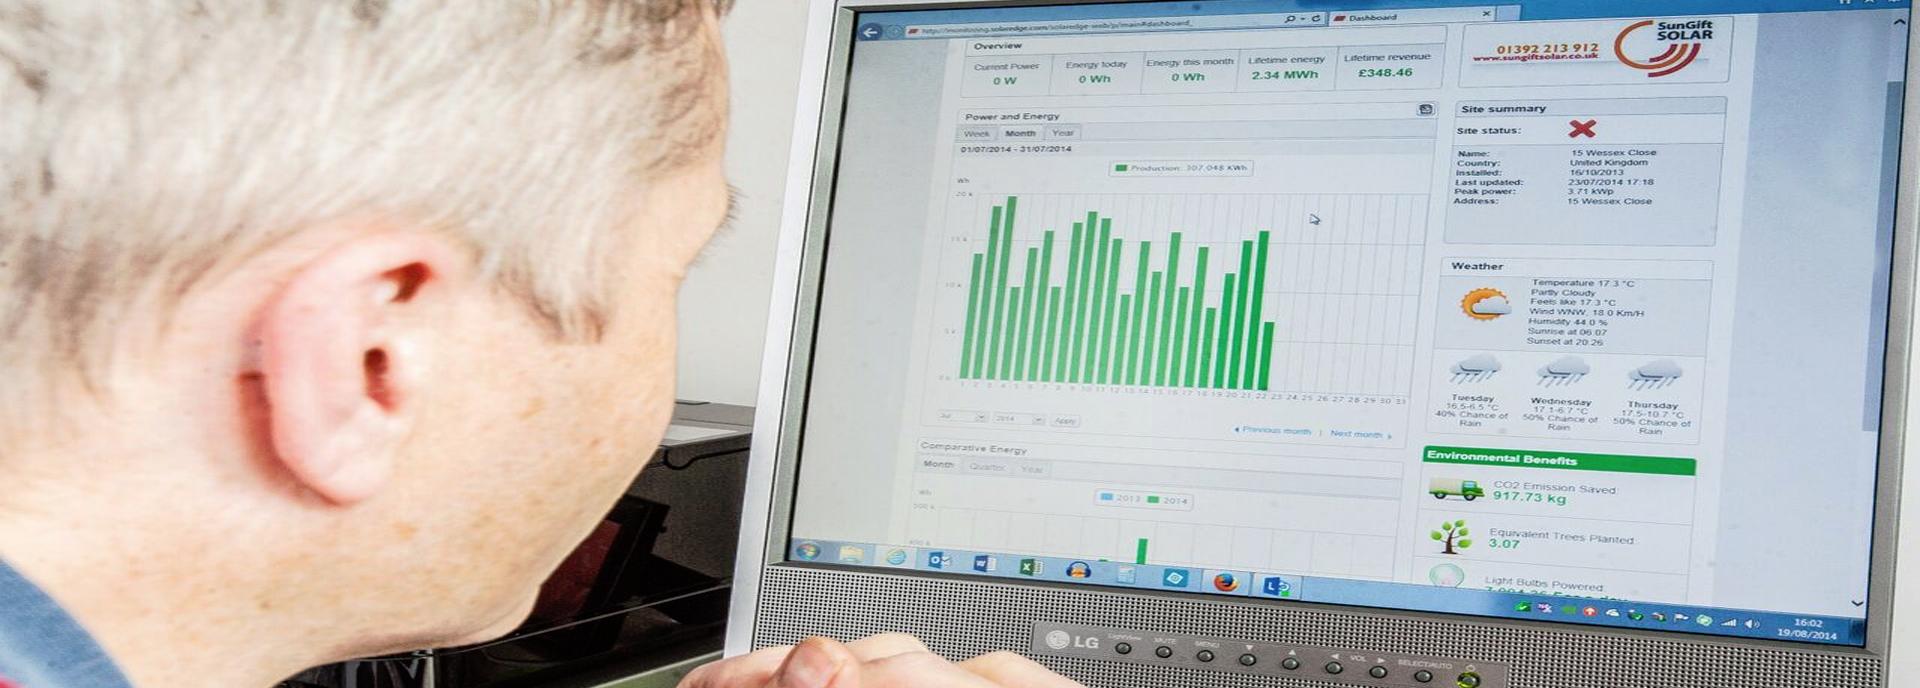 Solar PV Monitoring